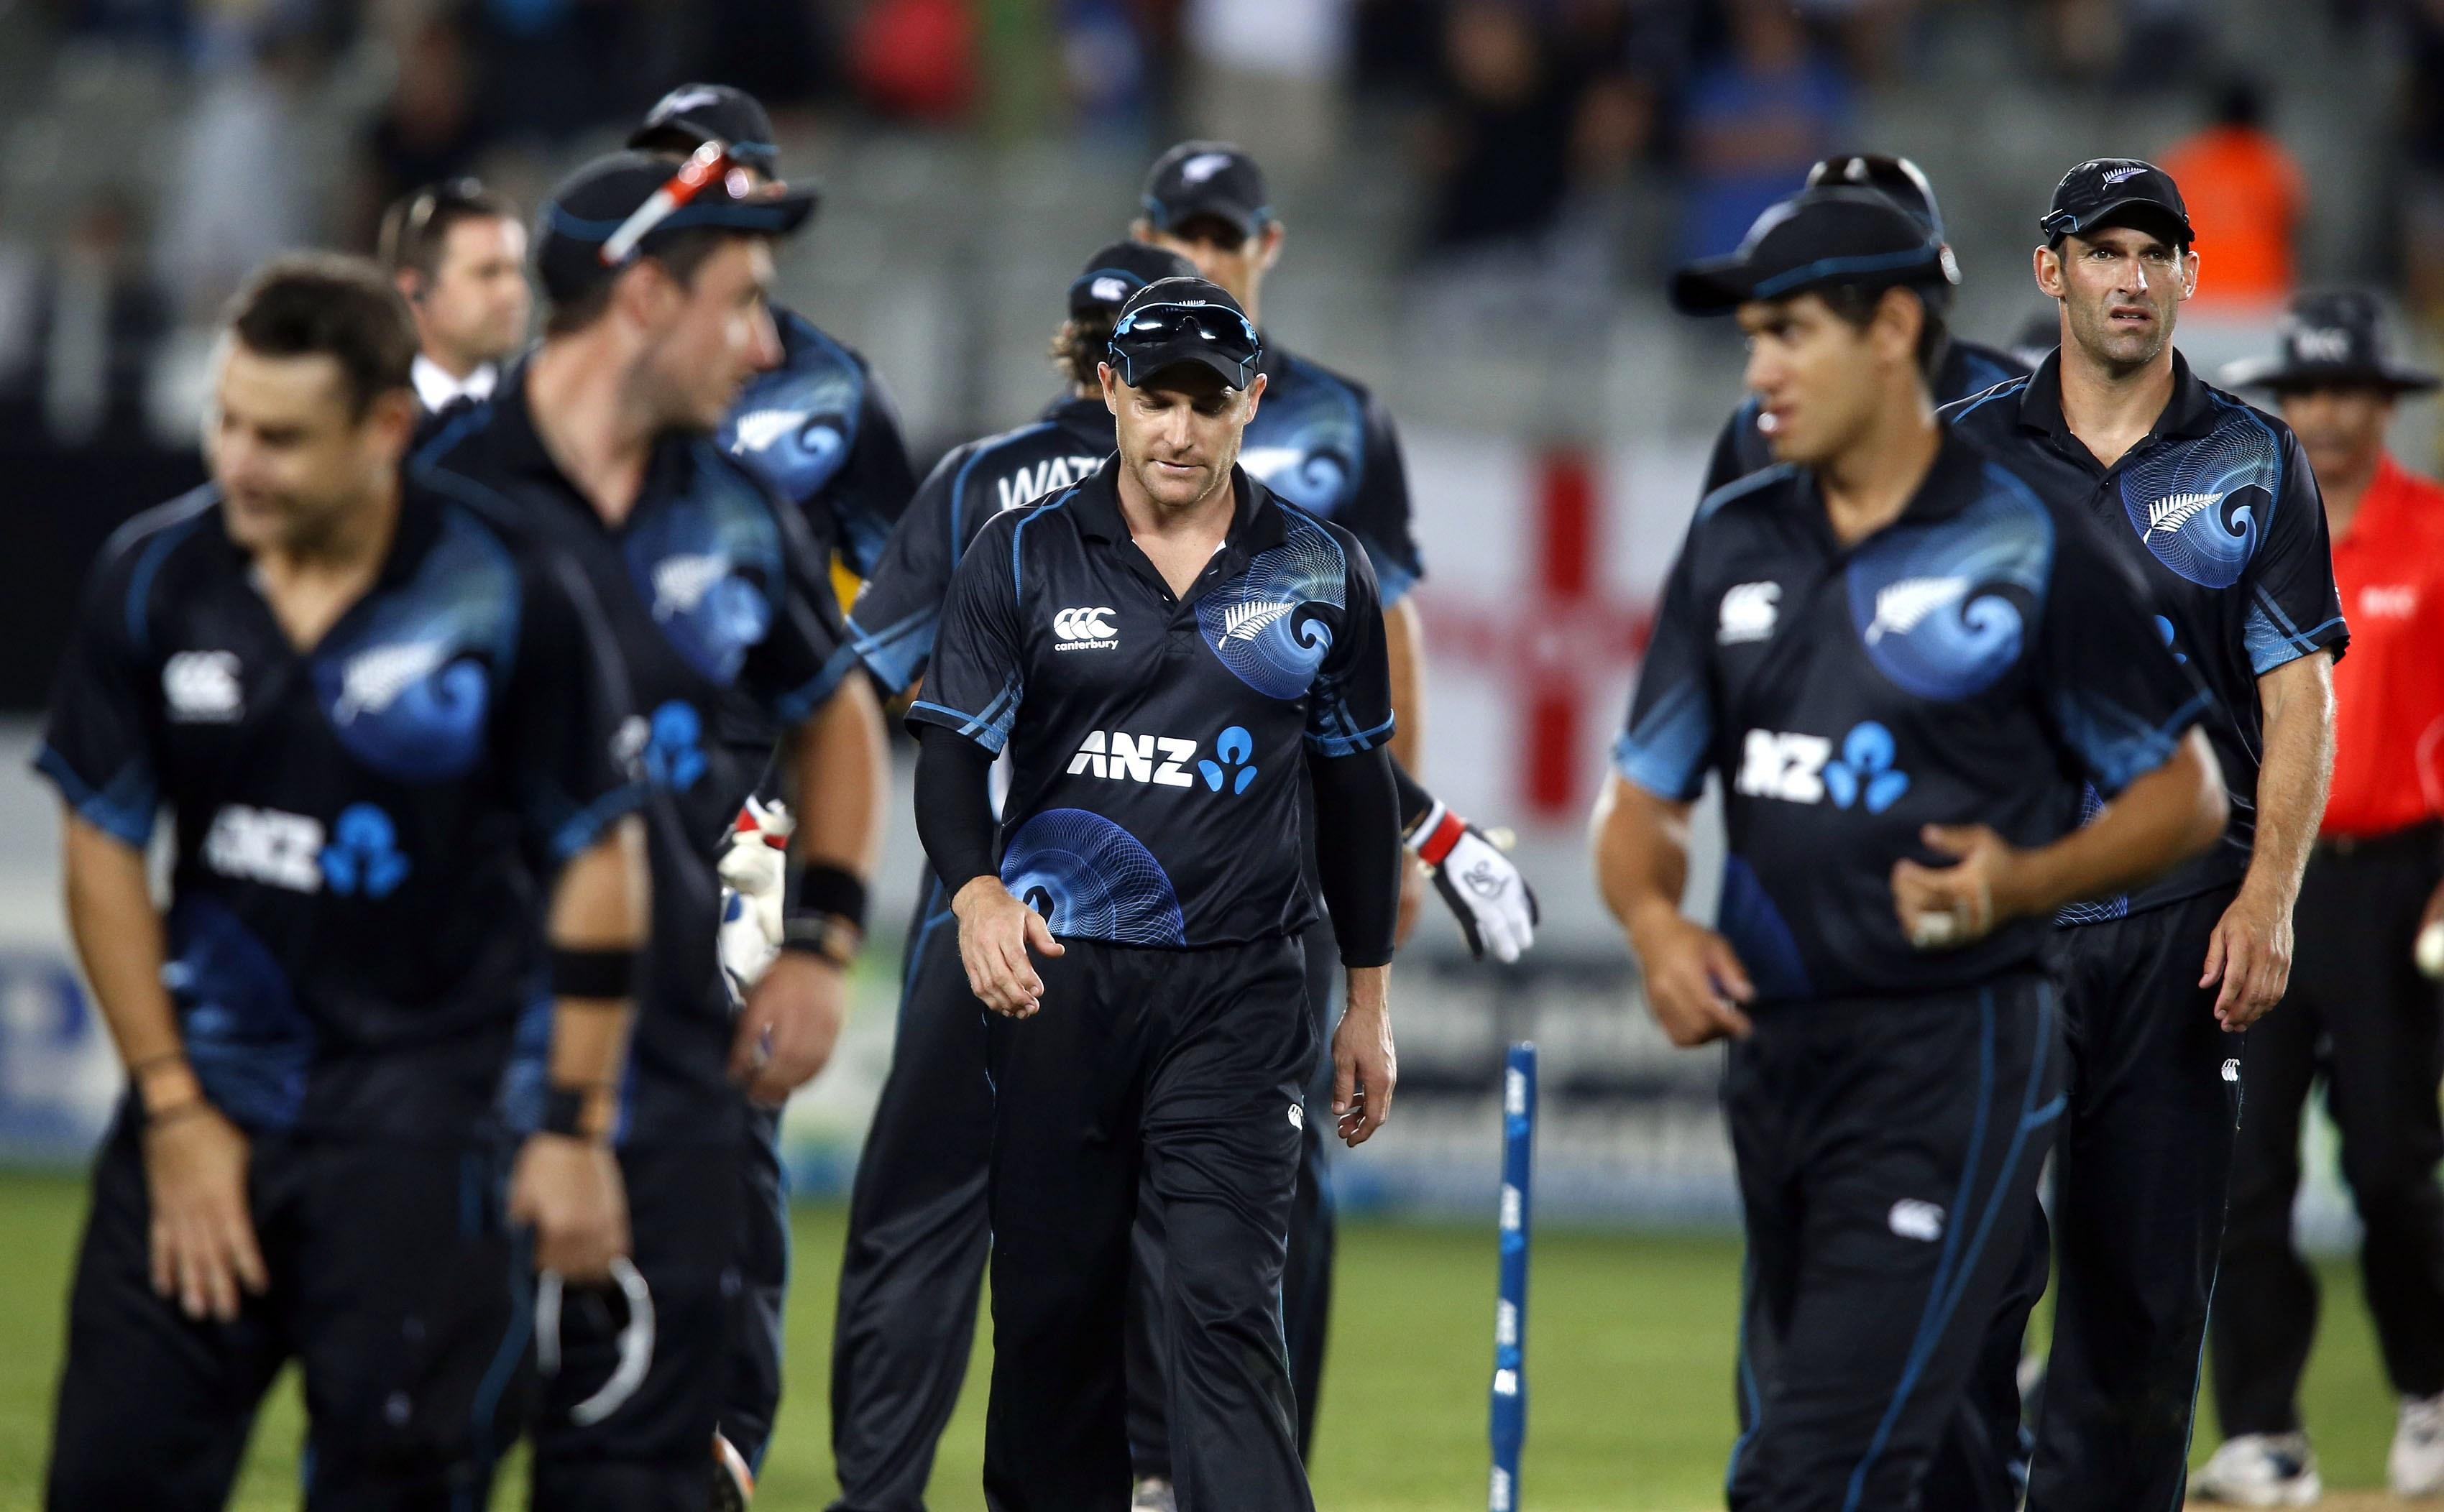 نیوزی لینڈ کی دلچسپ جیت